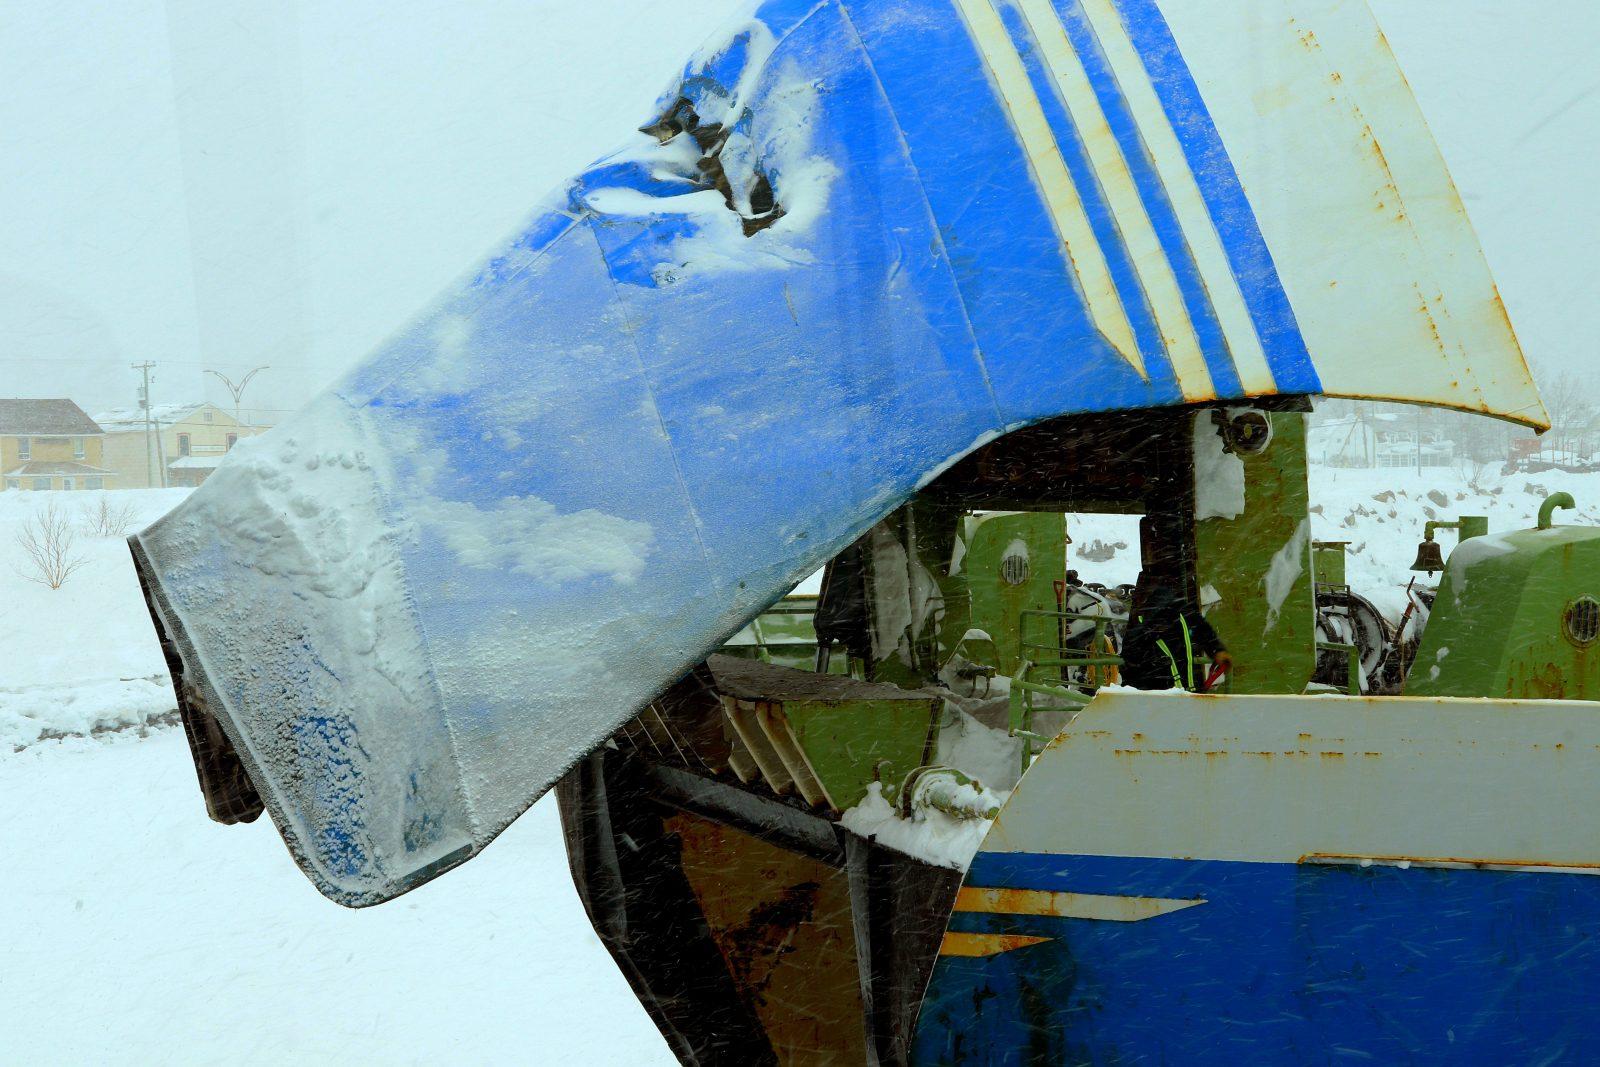 Accident de l'<i>Apollo</i> à Godbout : les moteurs et l'expérience du capitaine en cause